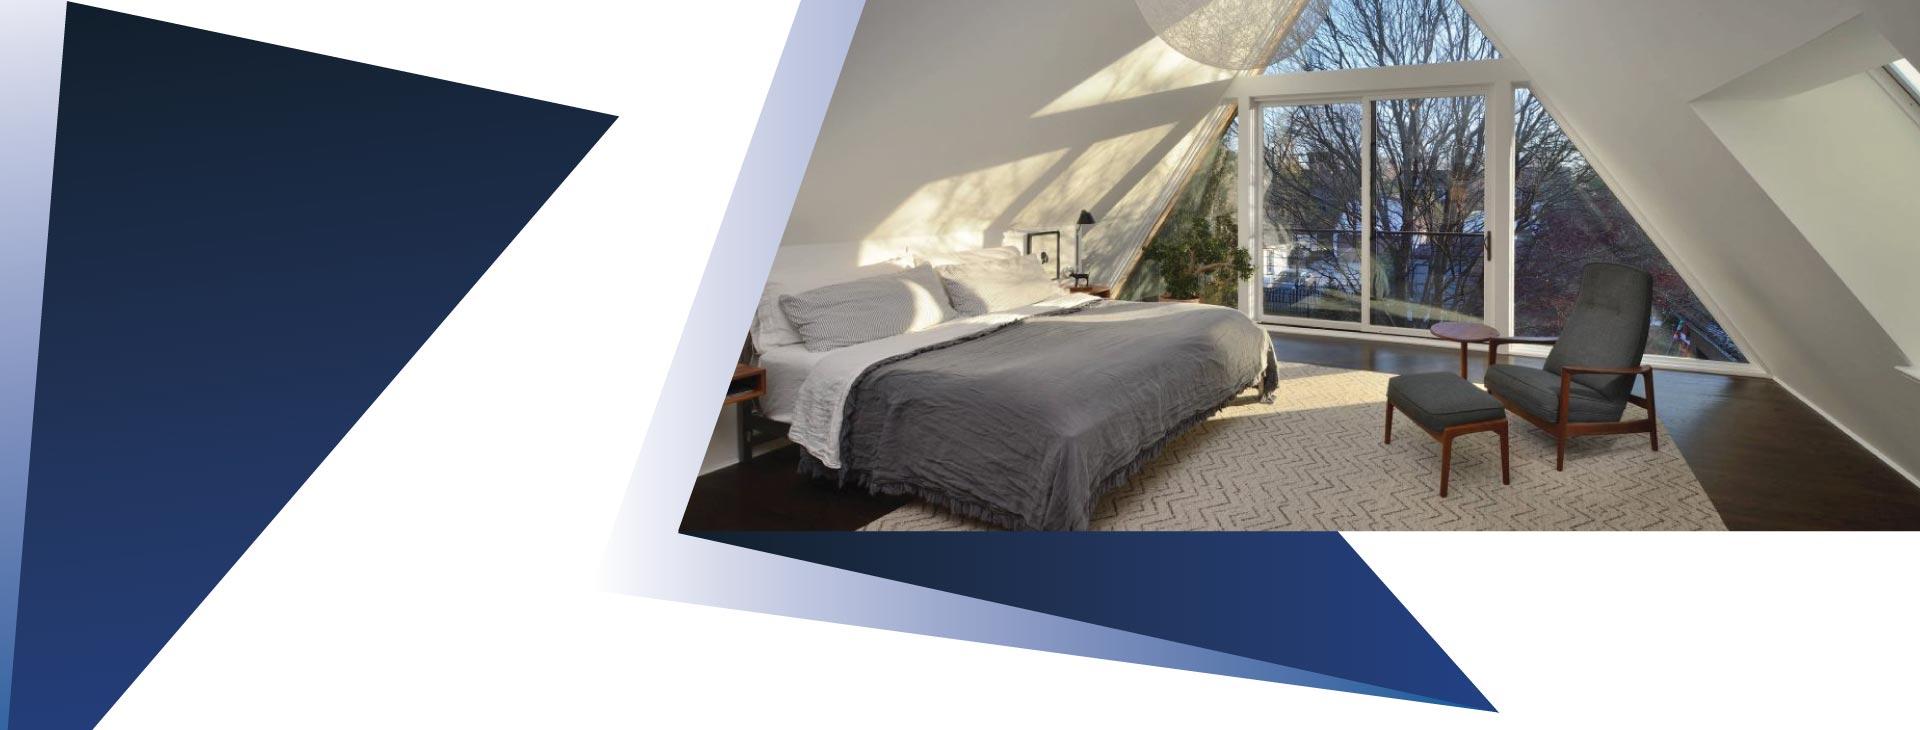 master bedroom pic - طراحی اتاق خواب مستر